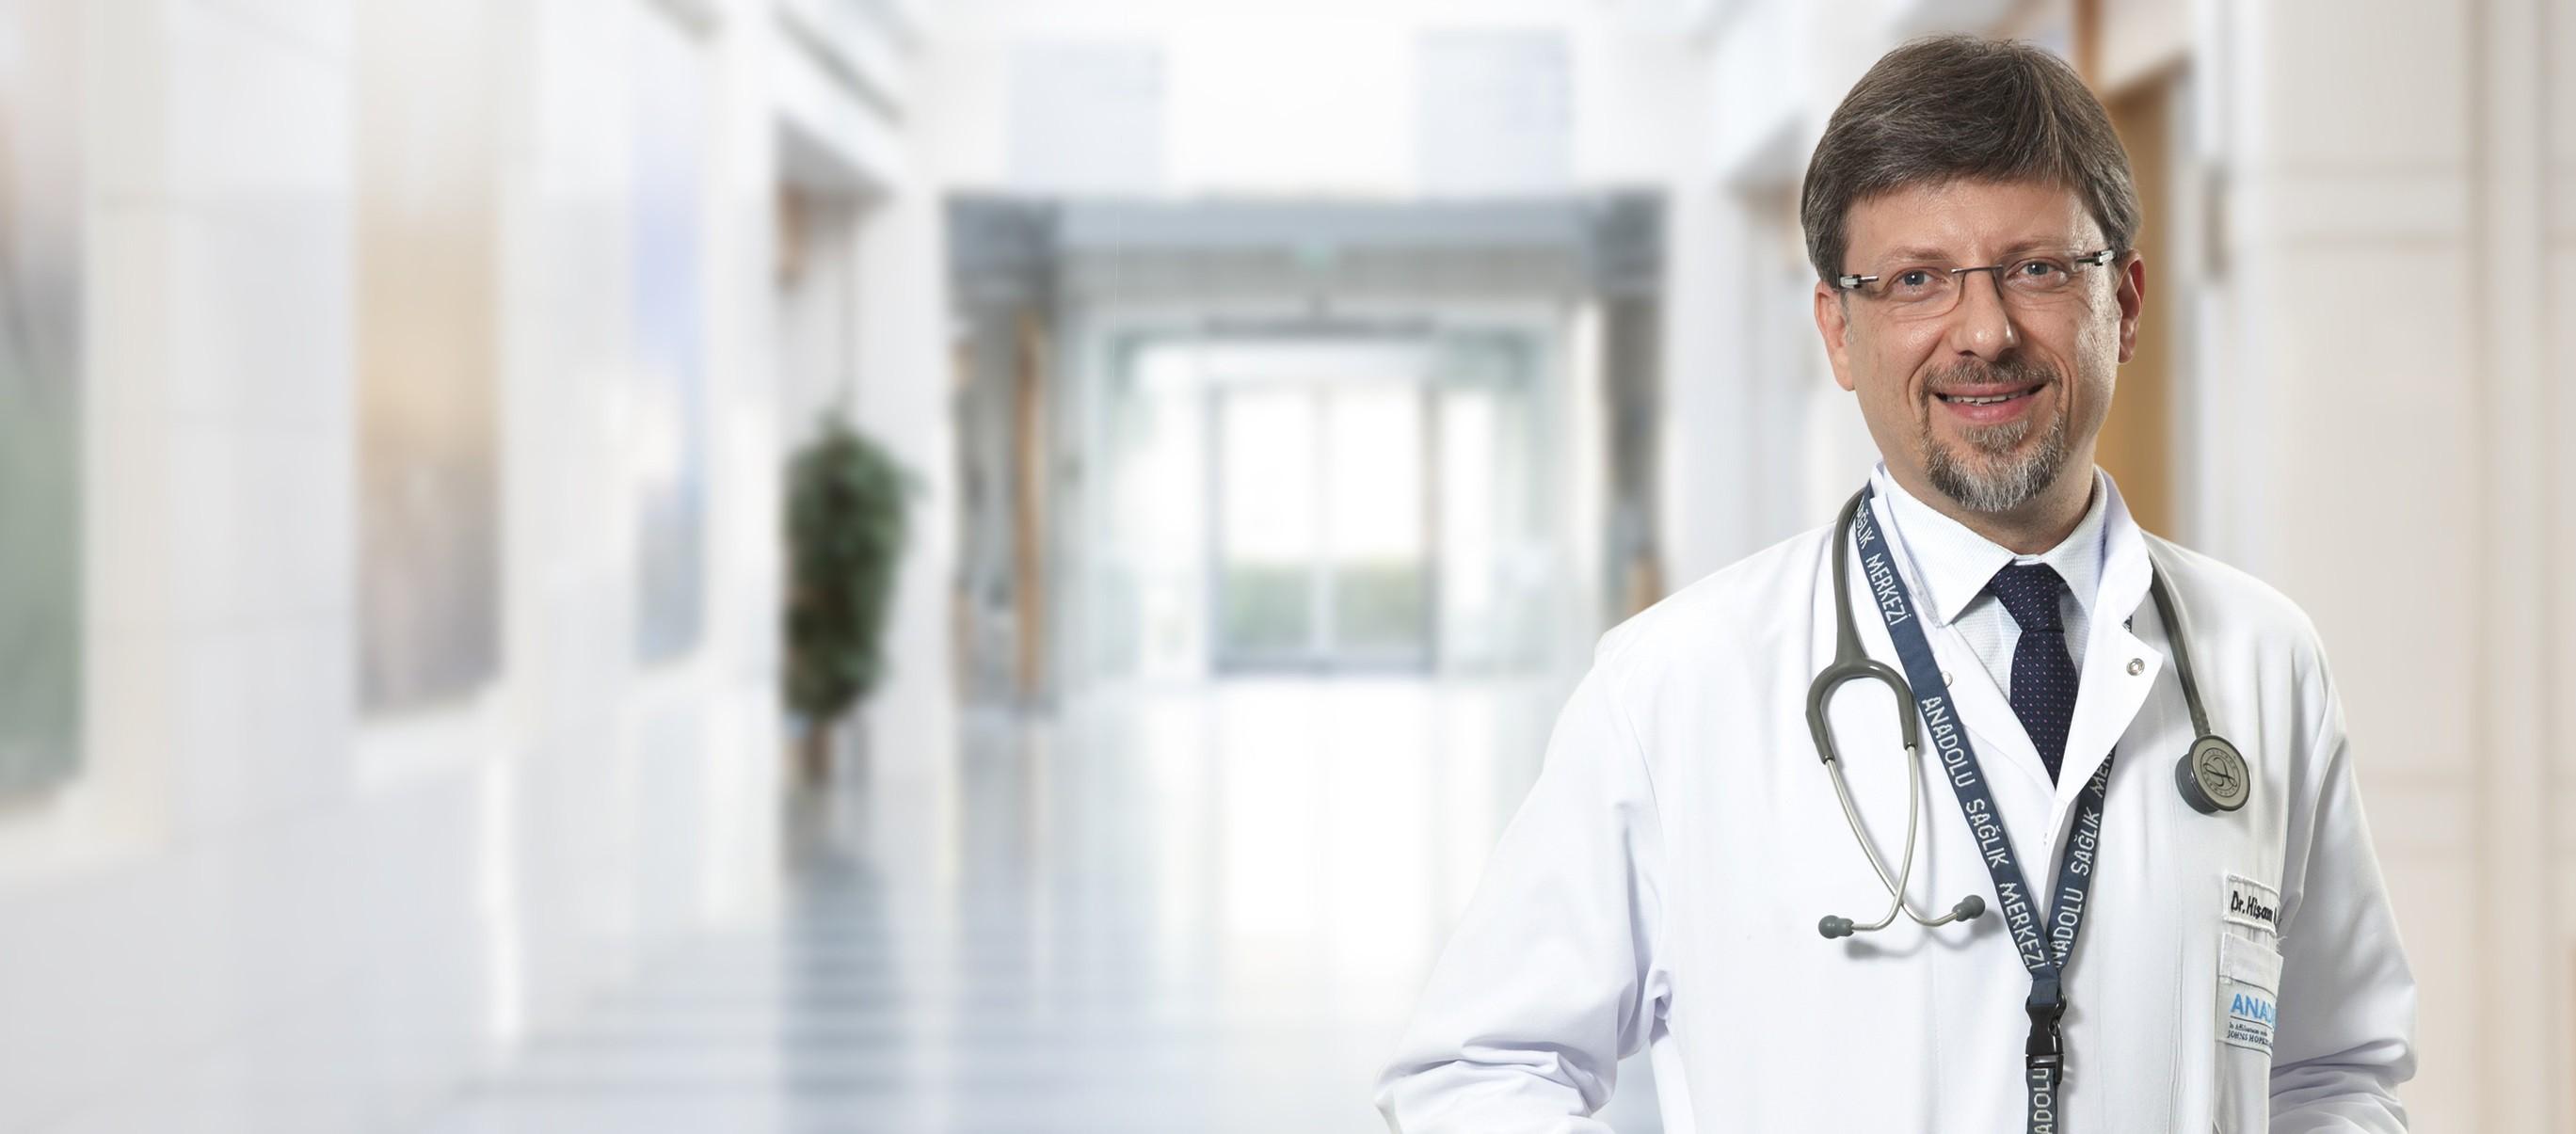 Хишам Алахдаб — квалифицированная помощь в медицинском центре Anadolu